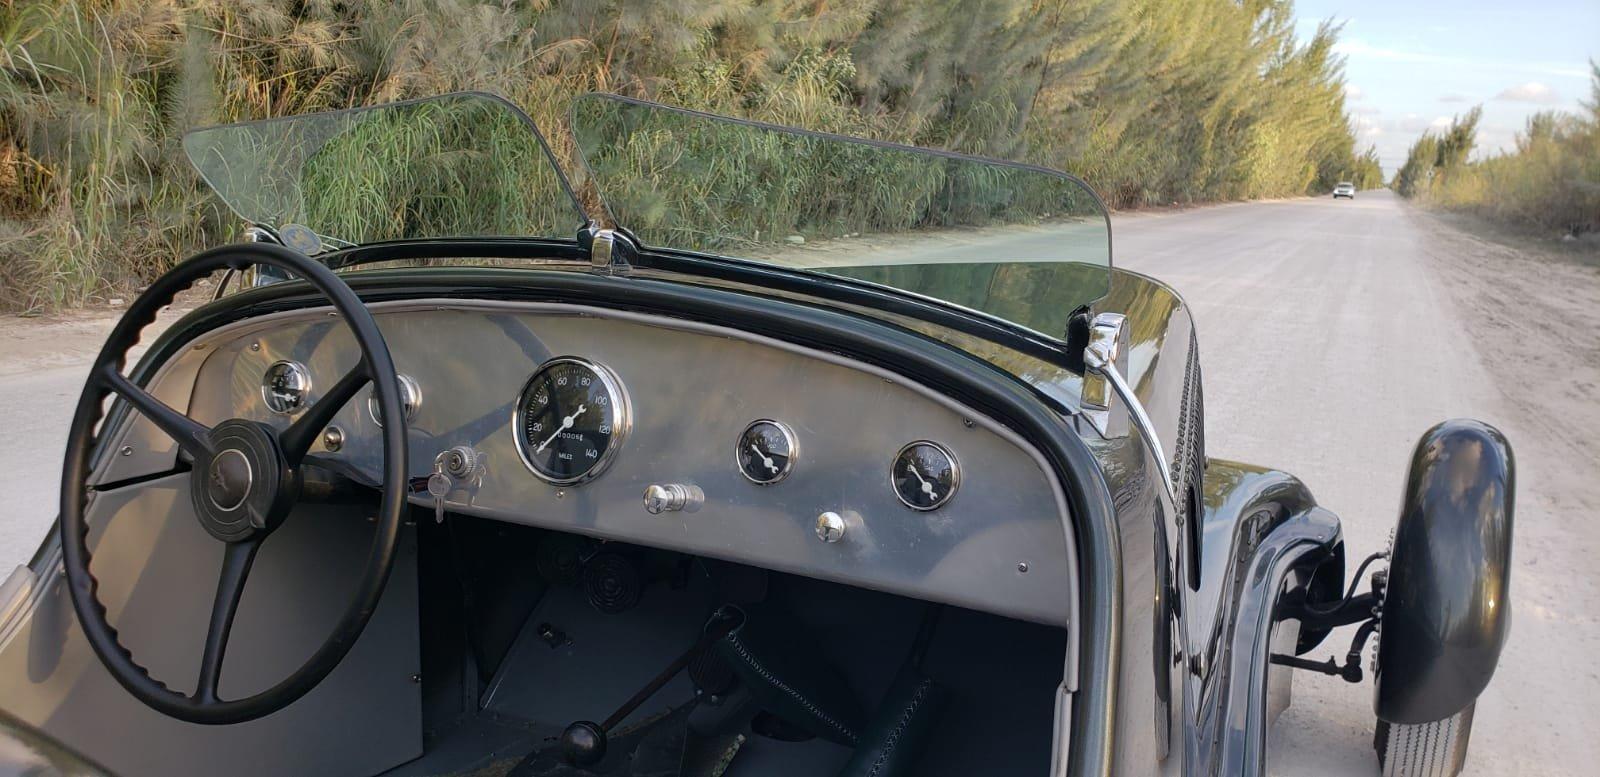 1934 Prewar Edsel Speedster for sale. For Sale (picture 3 of 5)